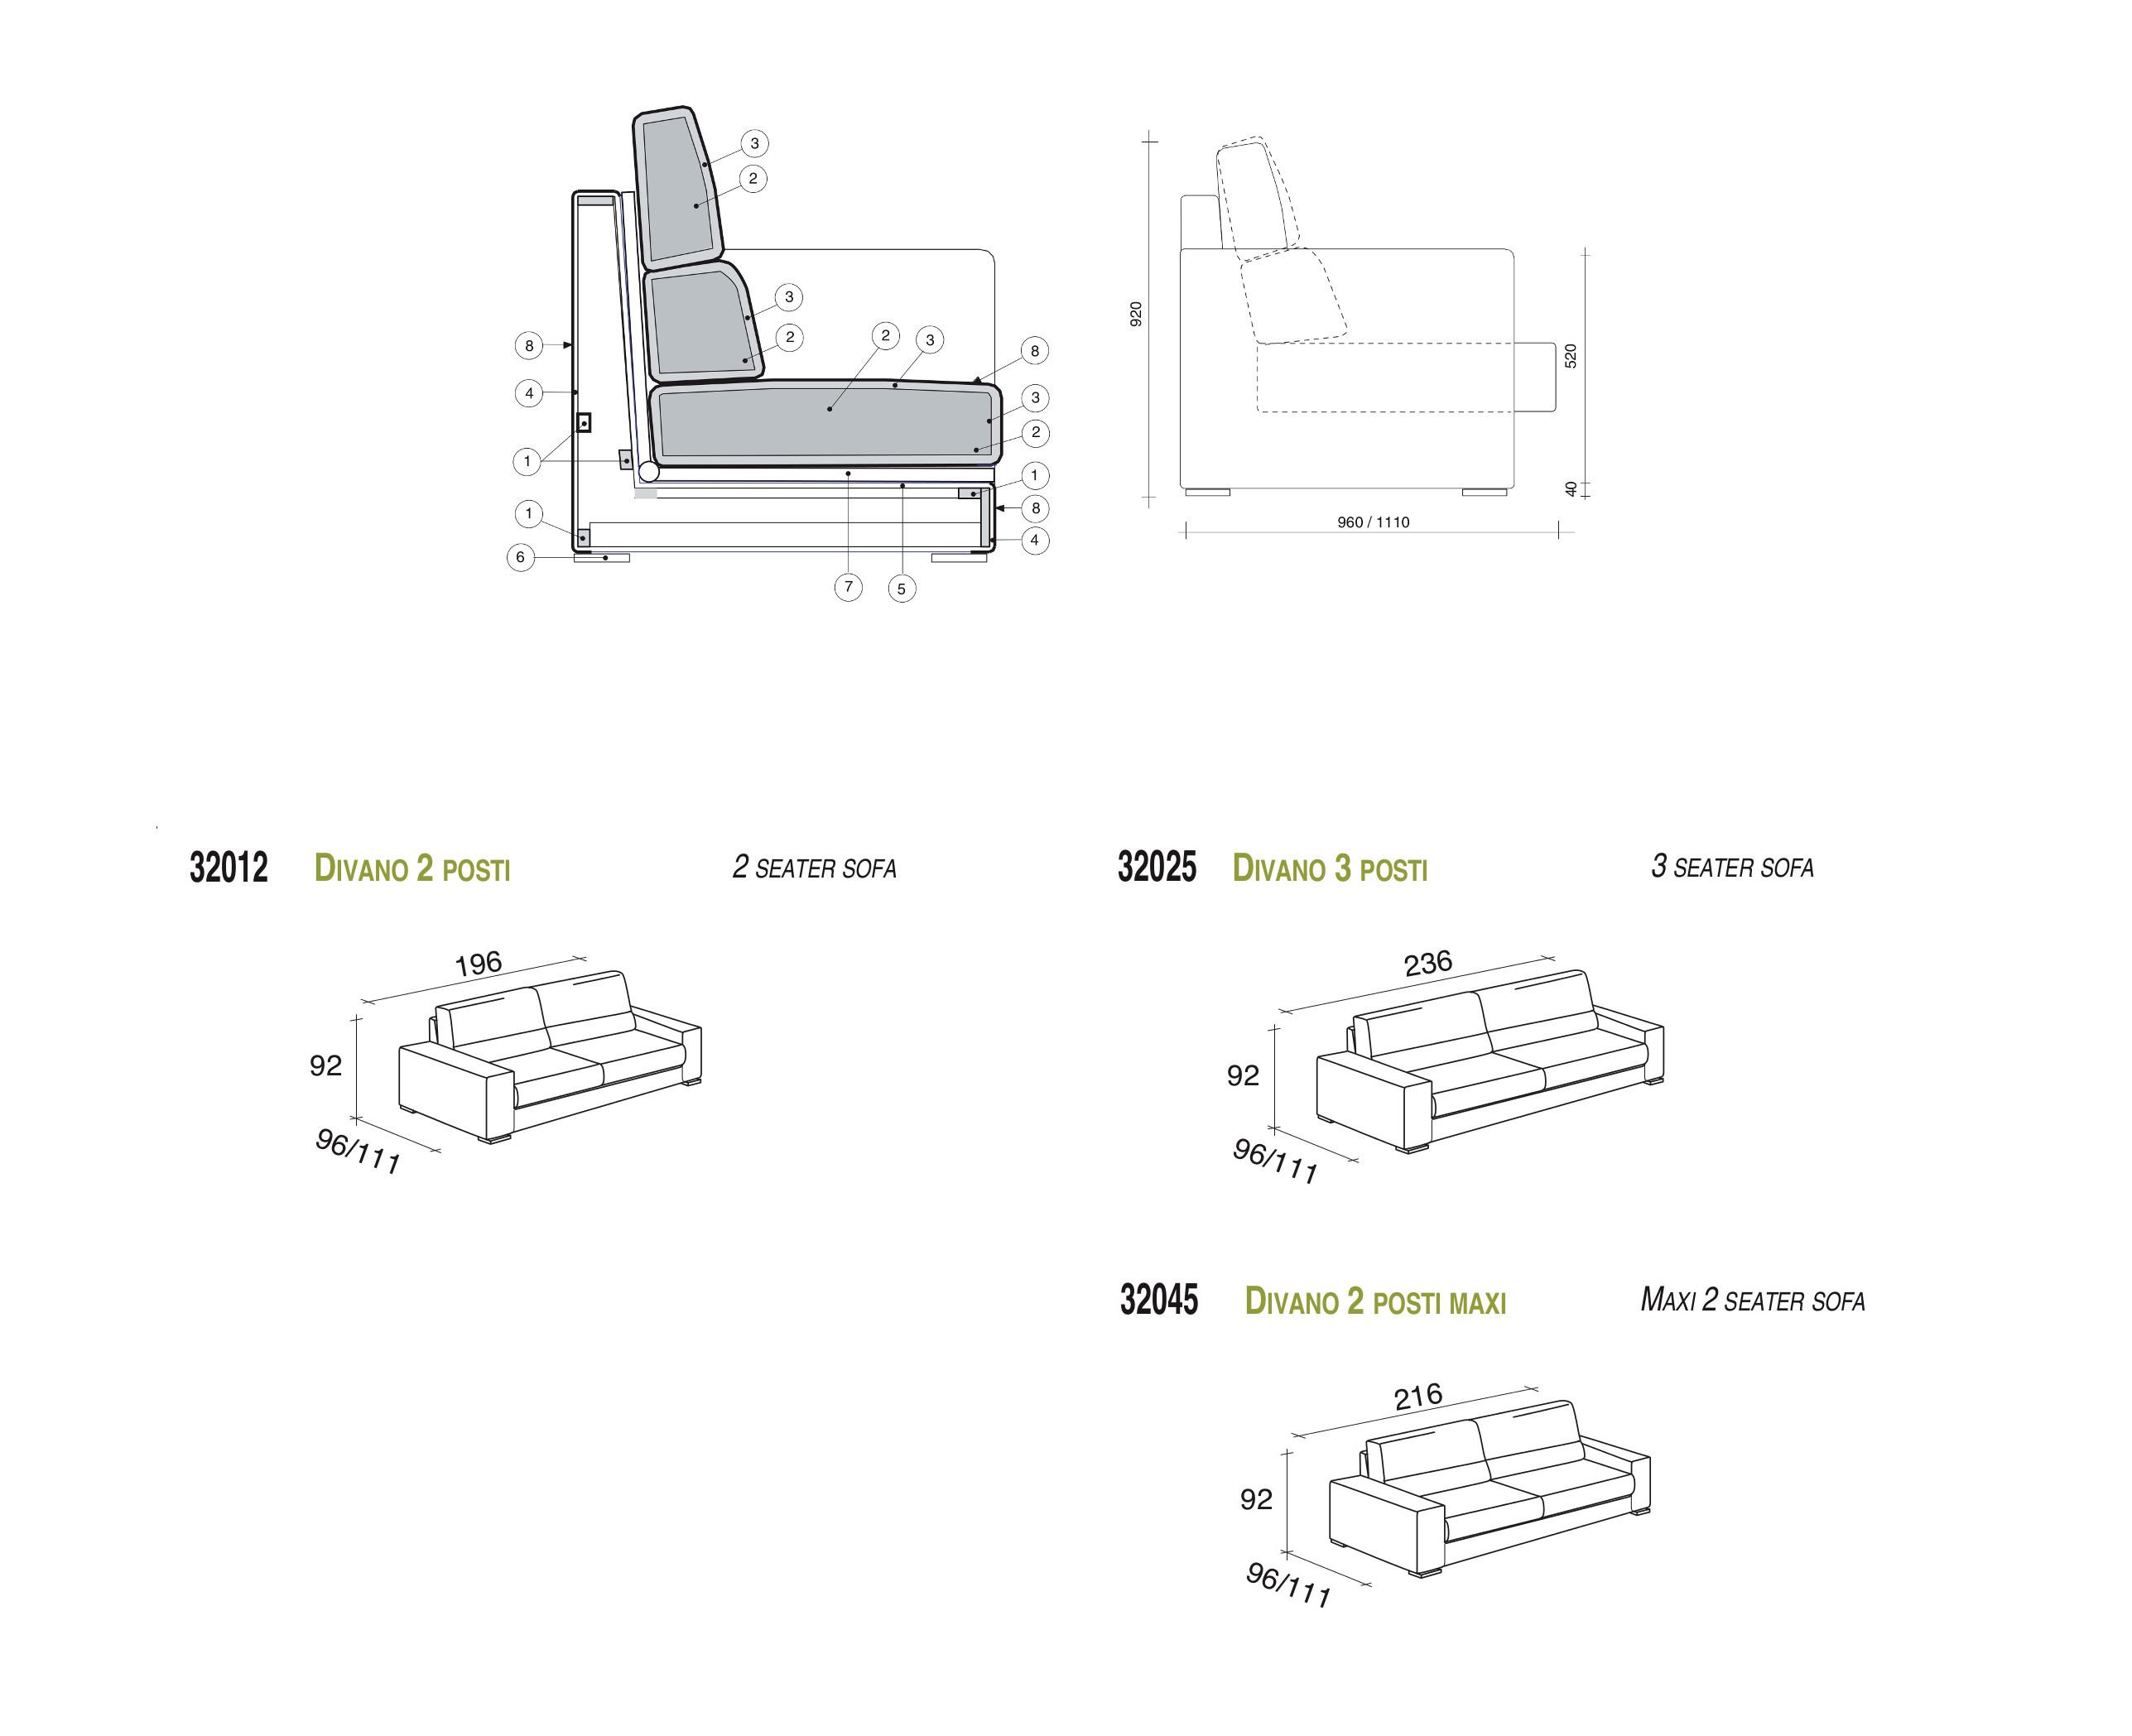 Confort divano lineare spagnol brand spagnol for Divano 5 posti lineare